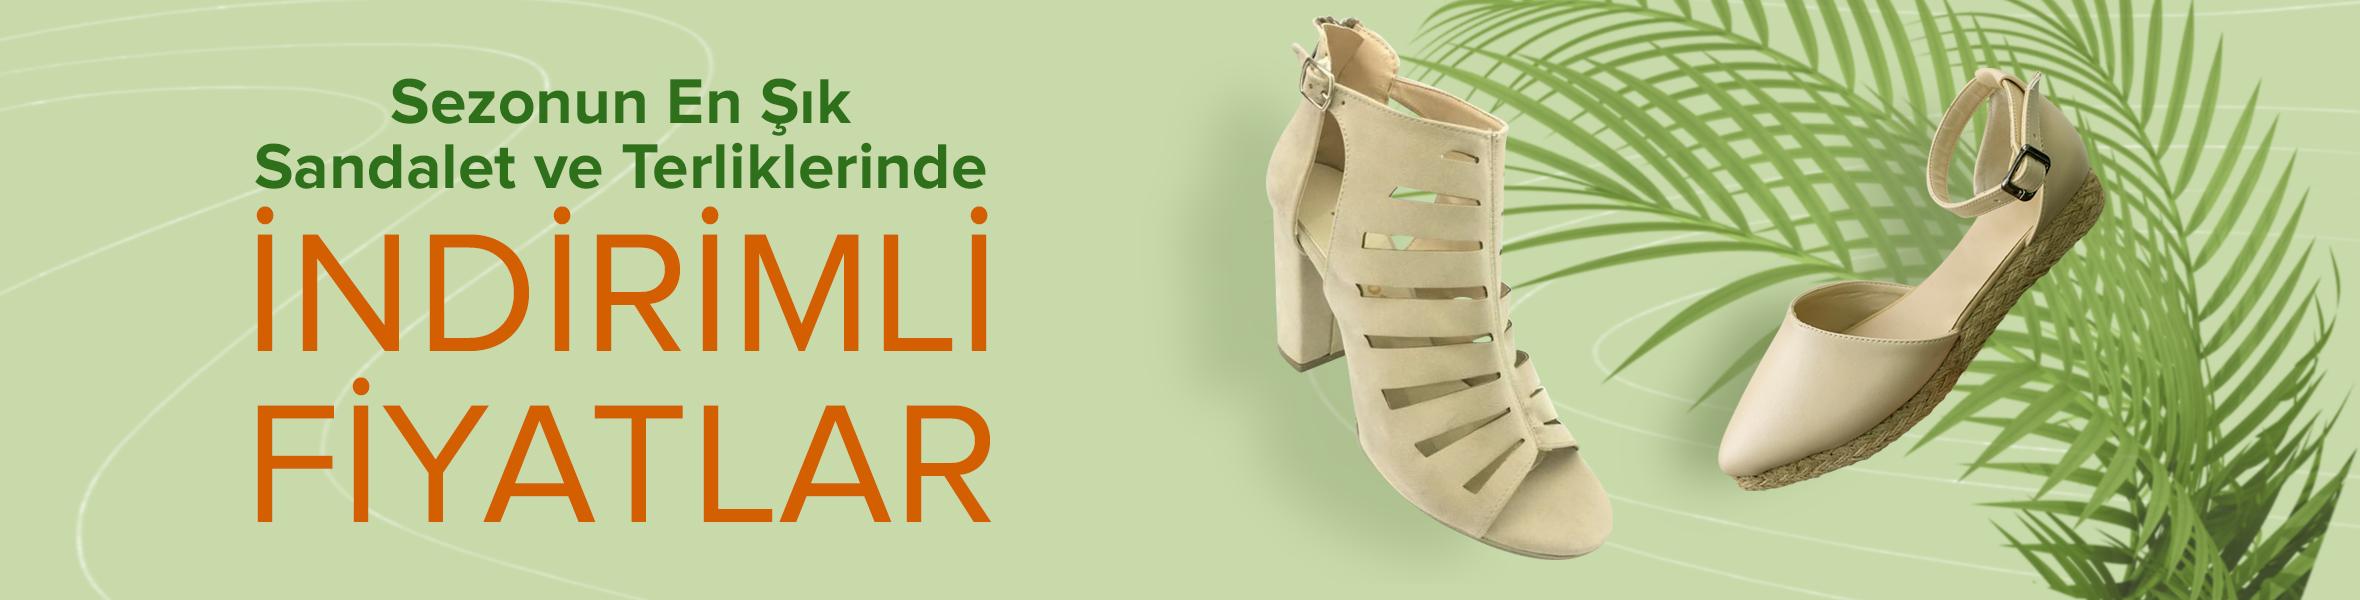 Sezonun En Şık Sandalet ve Terliklerinde İndirimli Fİyatlar